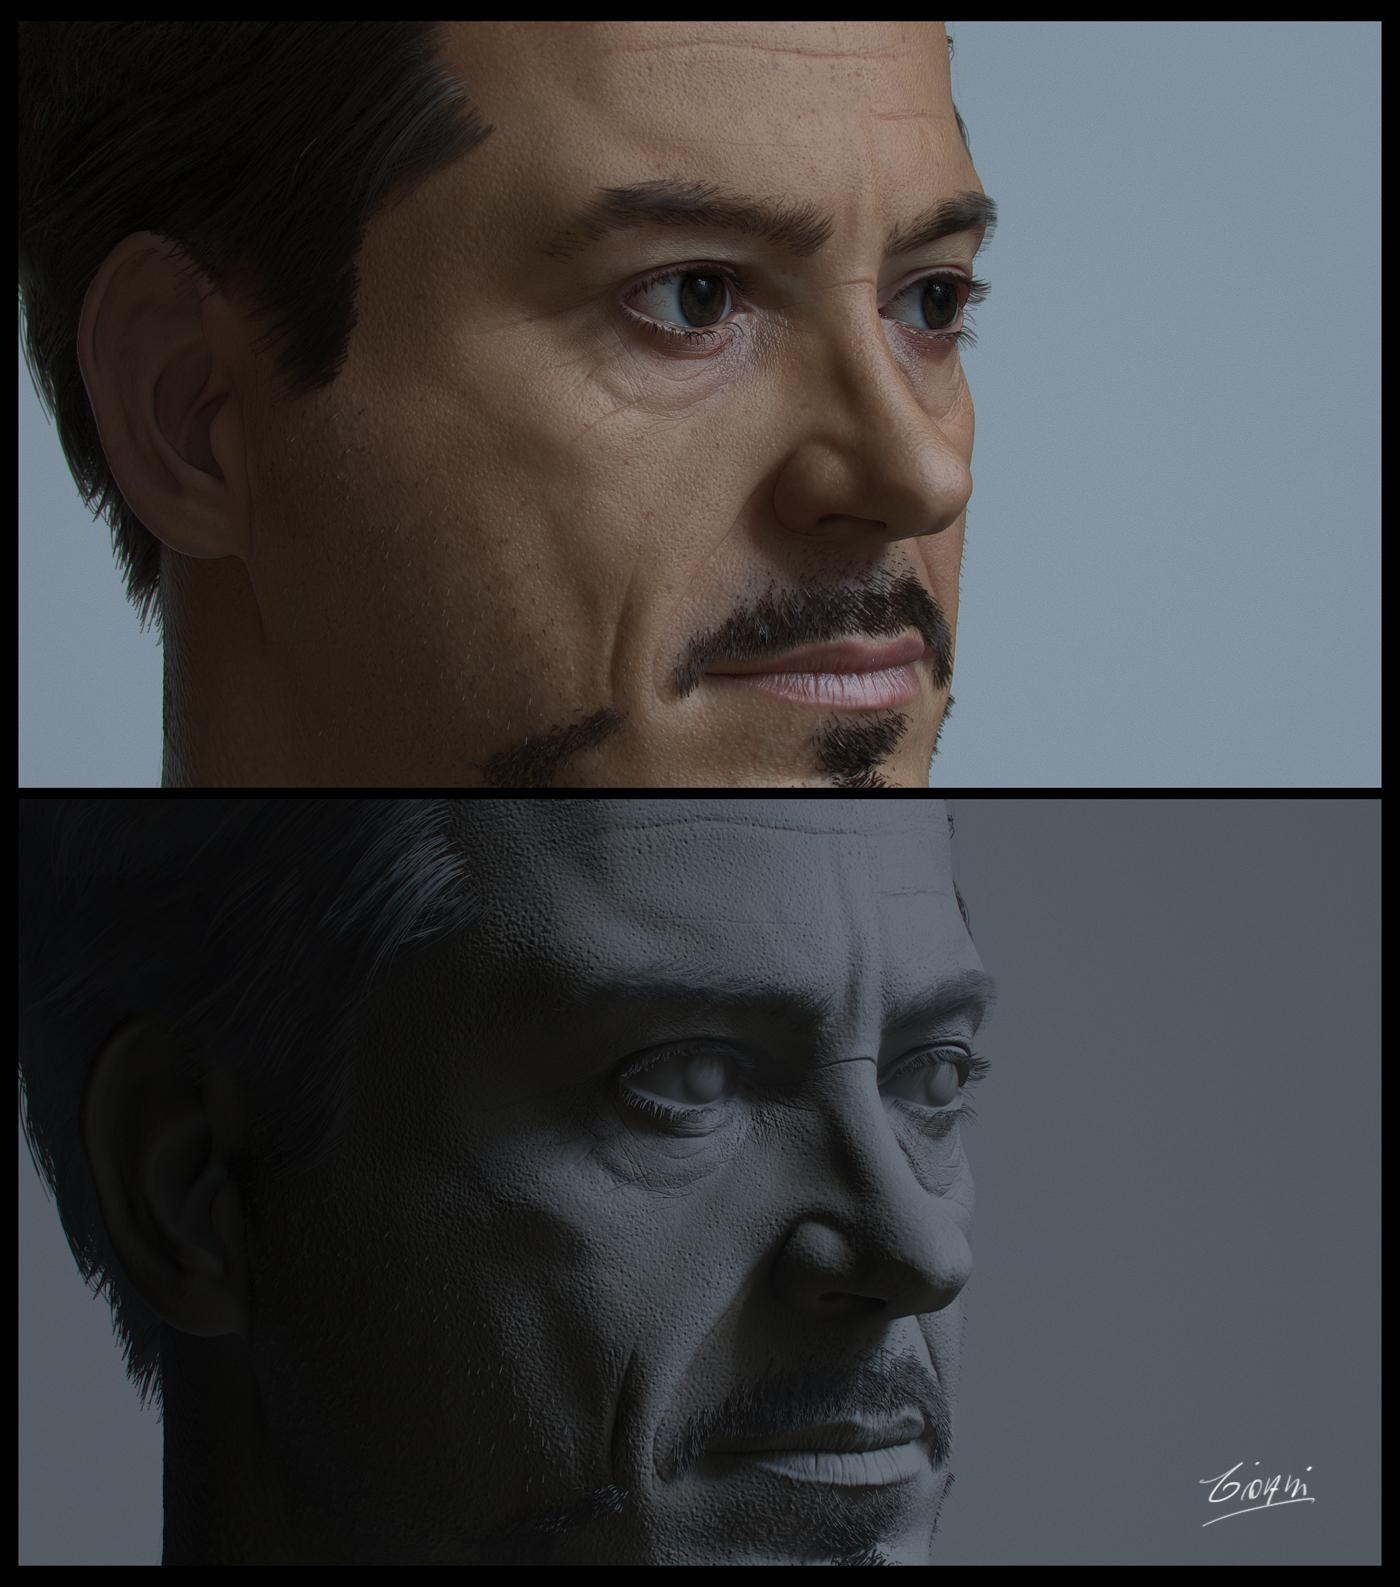 Toni Stark